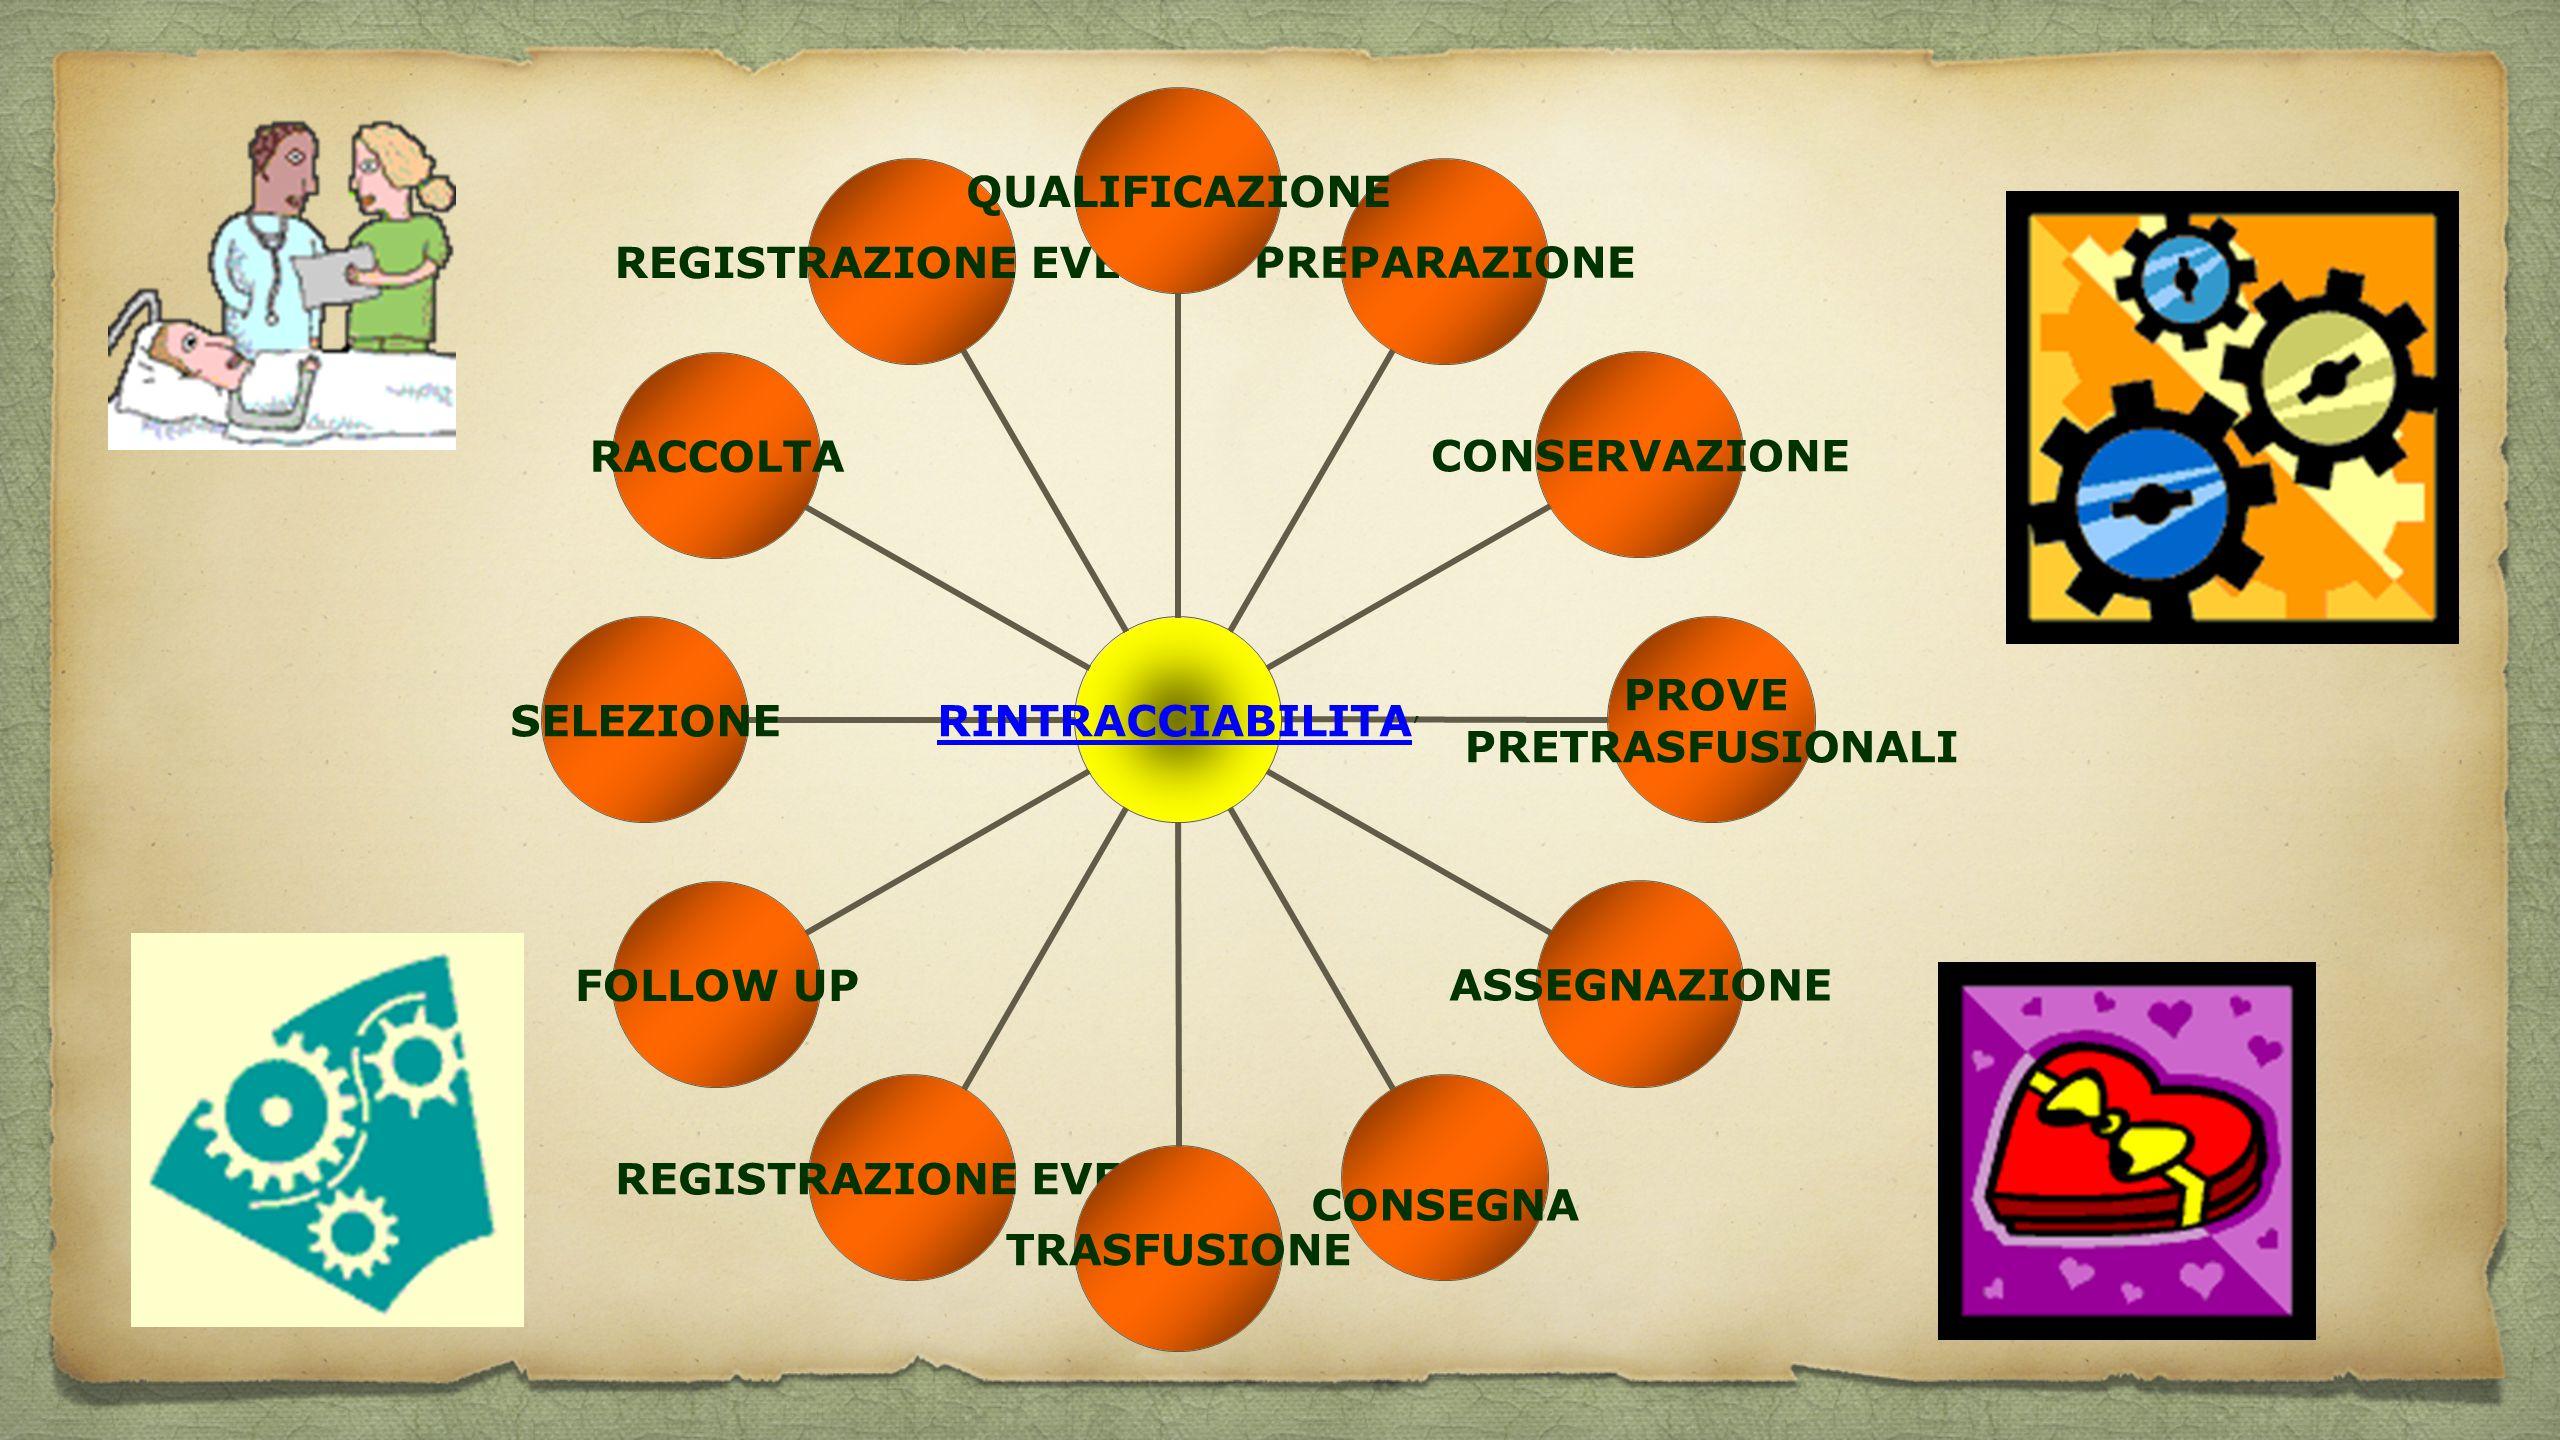 RINTRACCIABILITA'QUALIFICAZIONEPREPARAZIONECONSERVAZIONE PROVE PRETRASFUSIONALI ASSEGNAZIONE CONSEGNA TRASFUSIONE REGISTRAZIONE EVENTI FOLLOW UPSELEZI